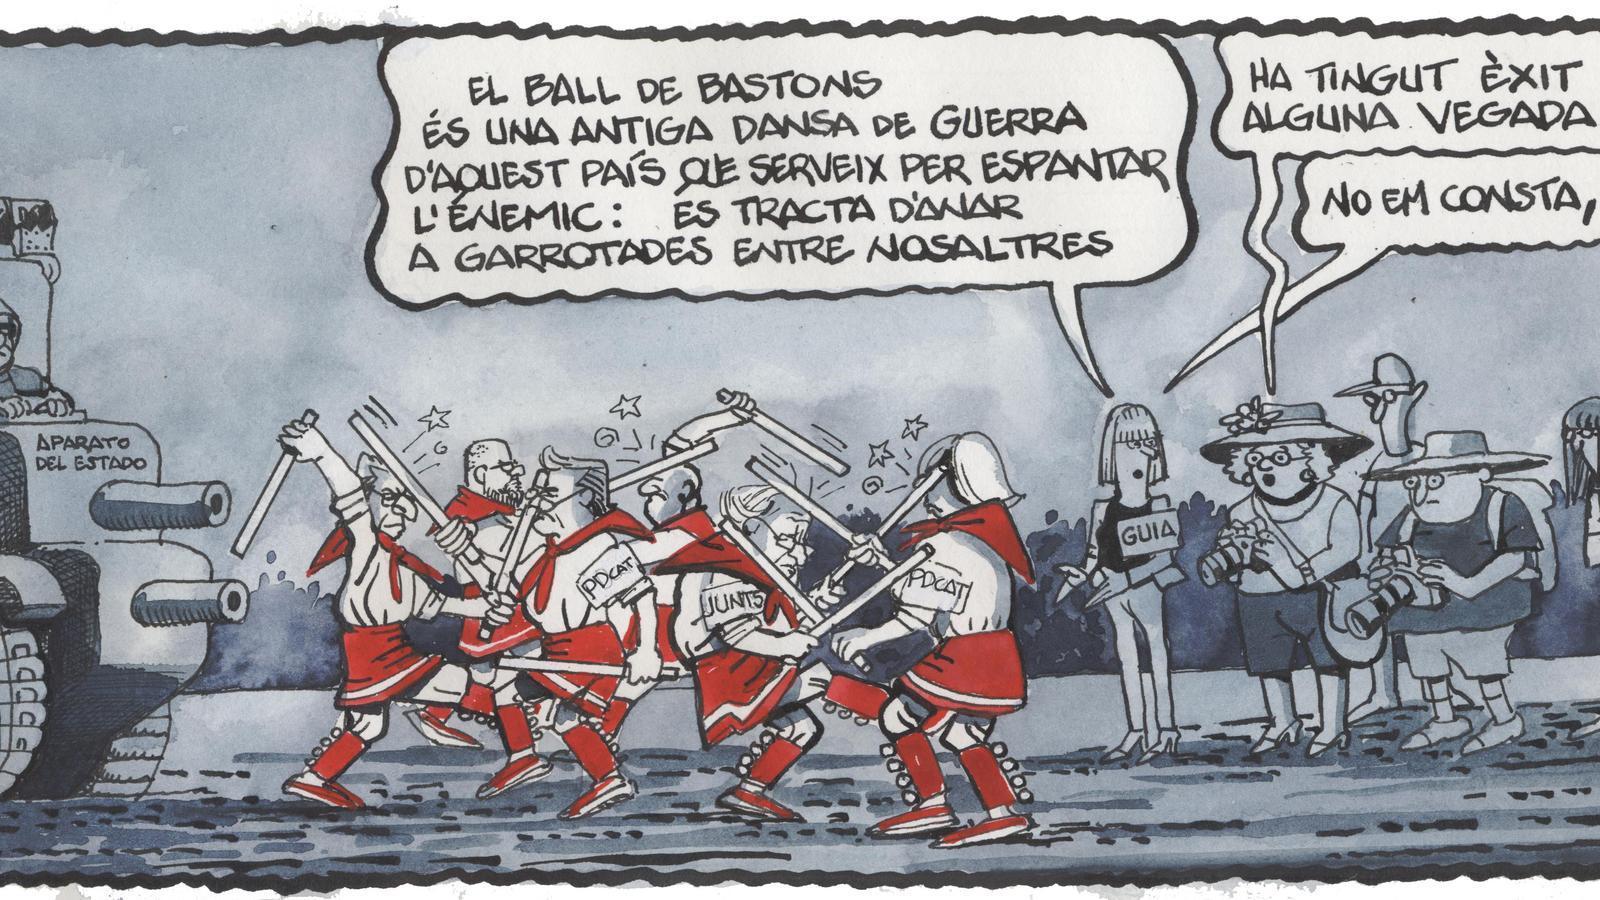 'A la contra', per Ferreres 16/09/2020